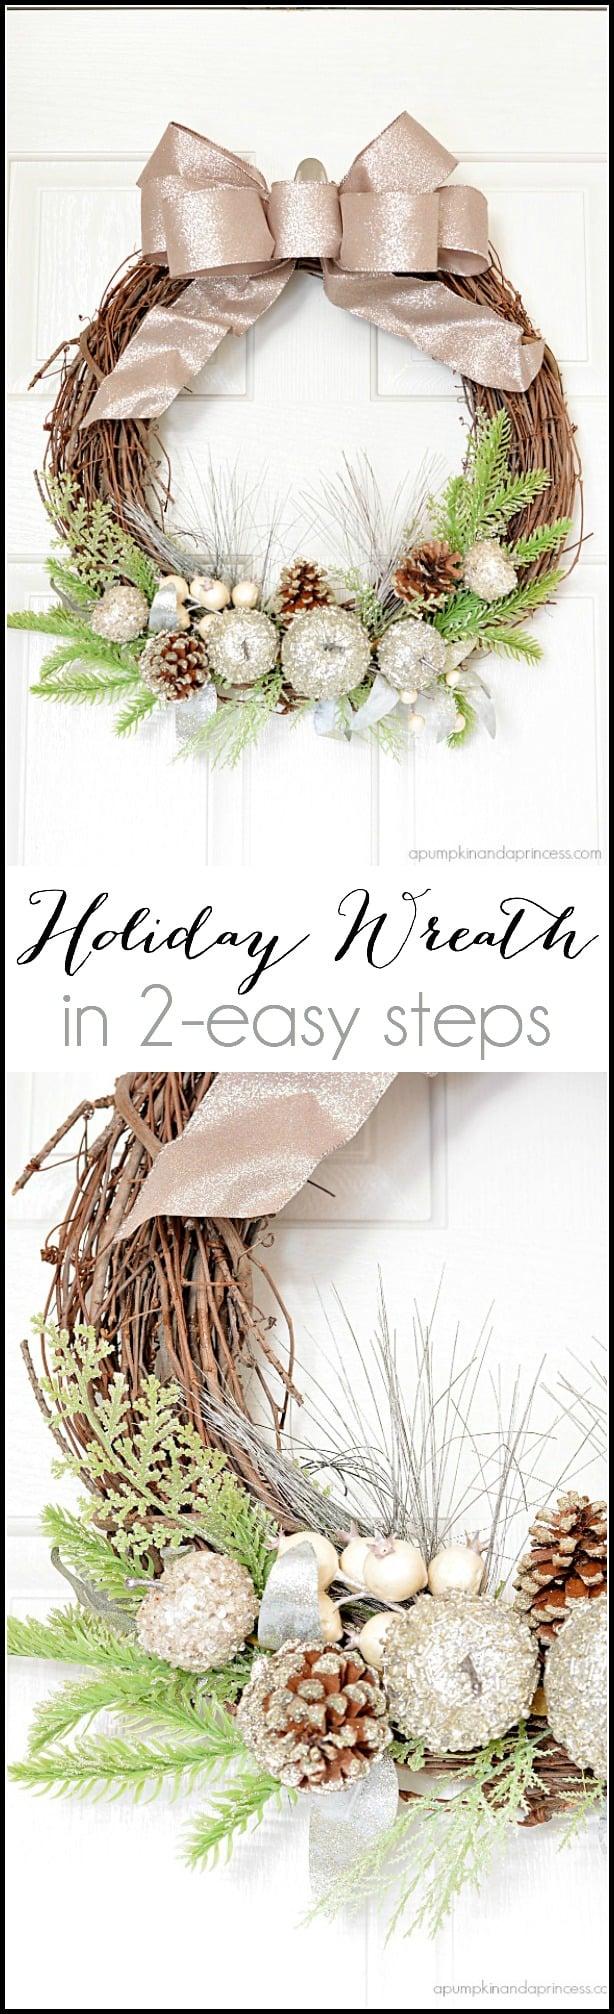 Two step festive holidau wreath